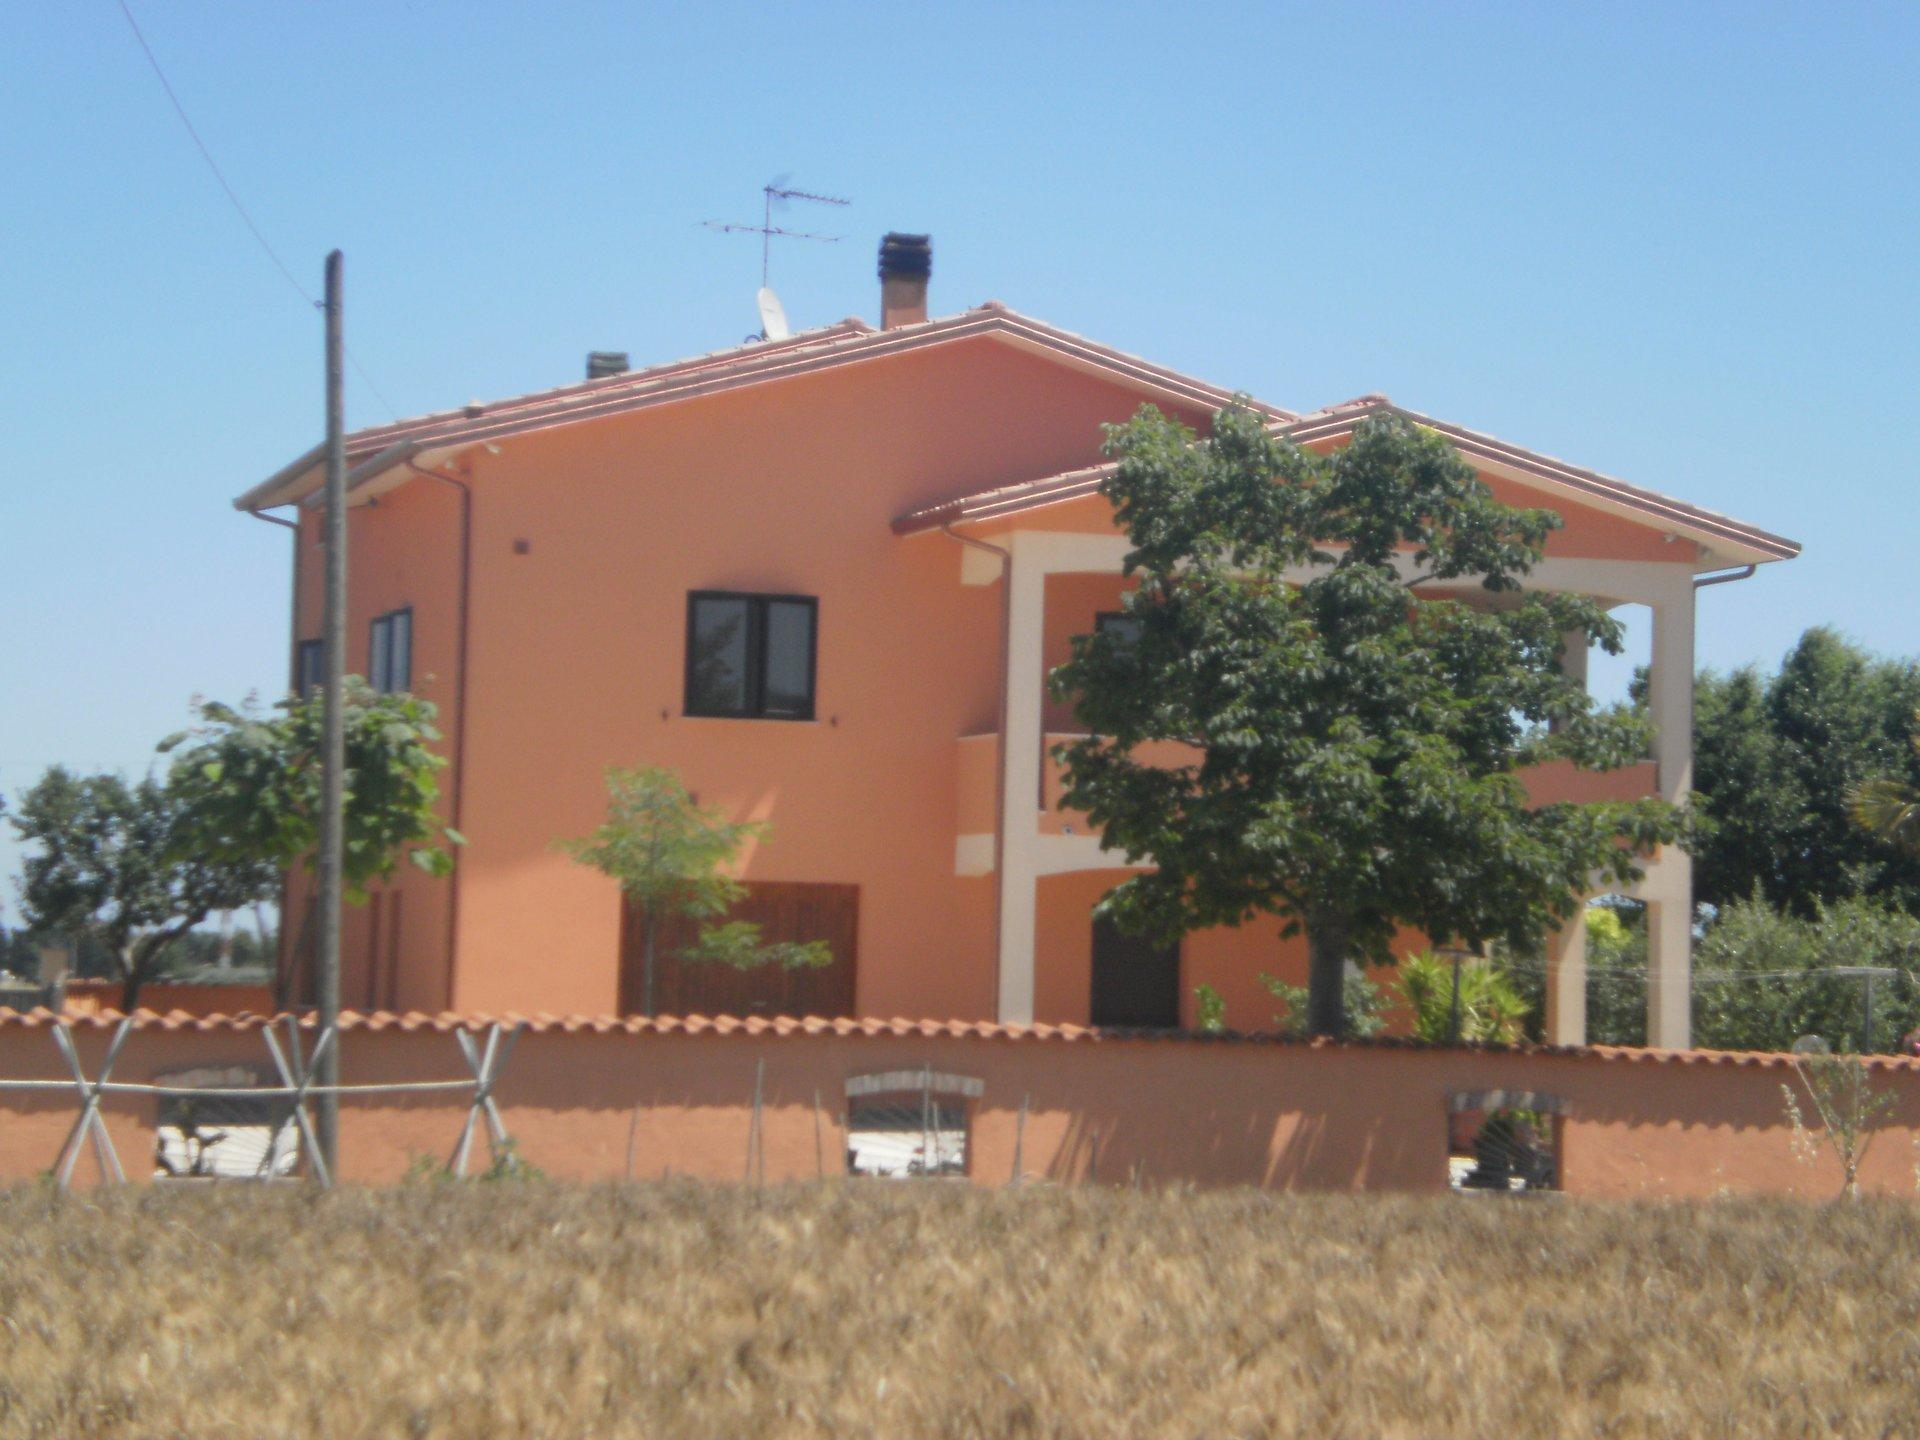 Costruzione residenziale di tre impianti  dipinto di giallo-arancio